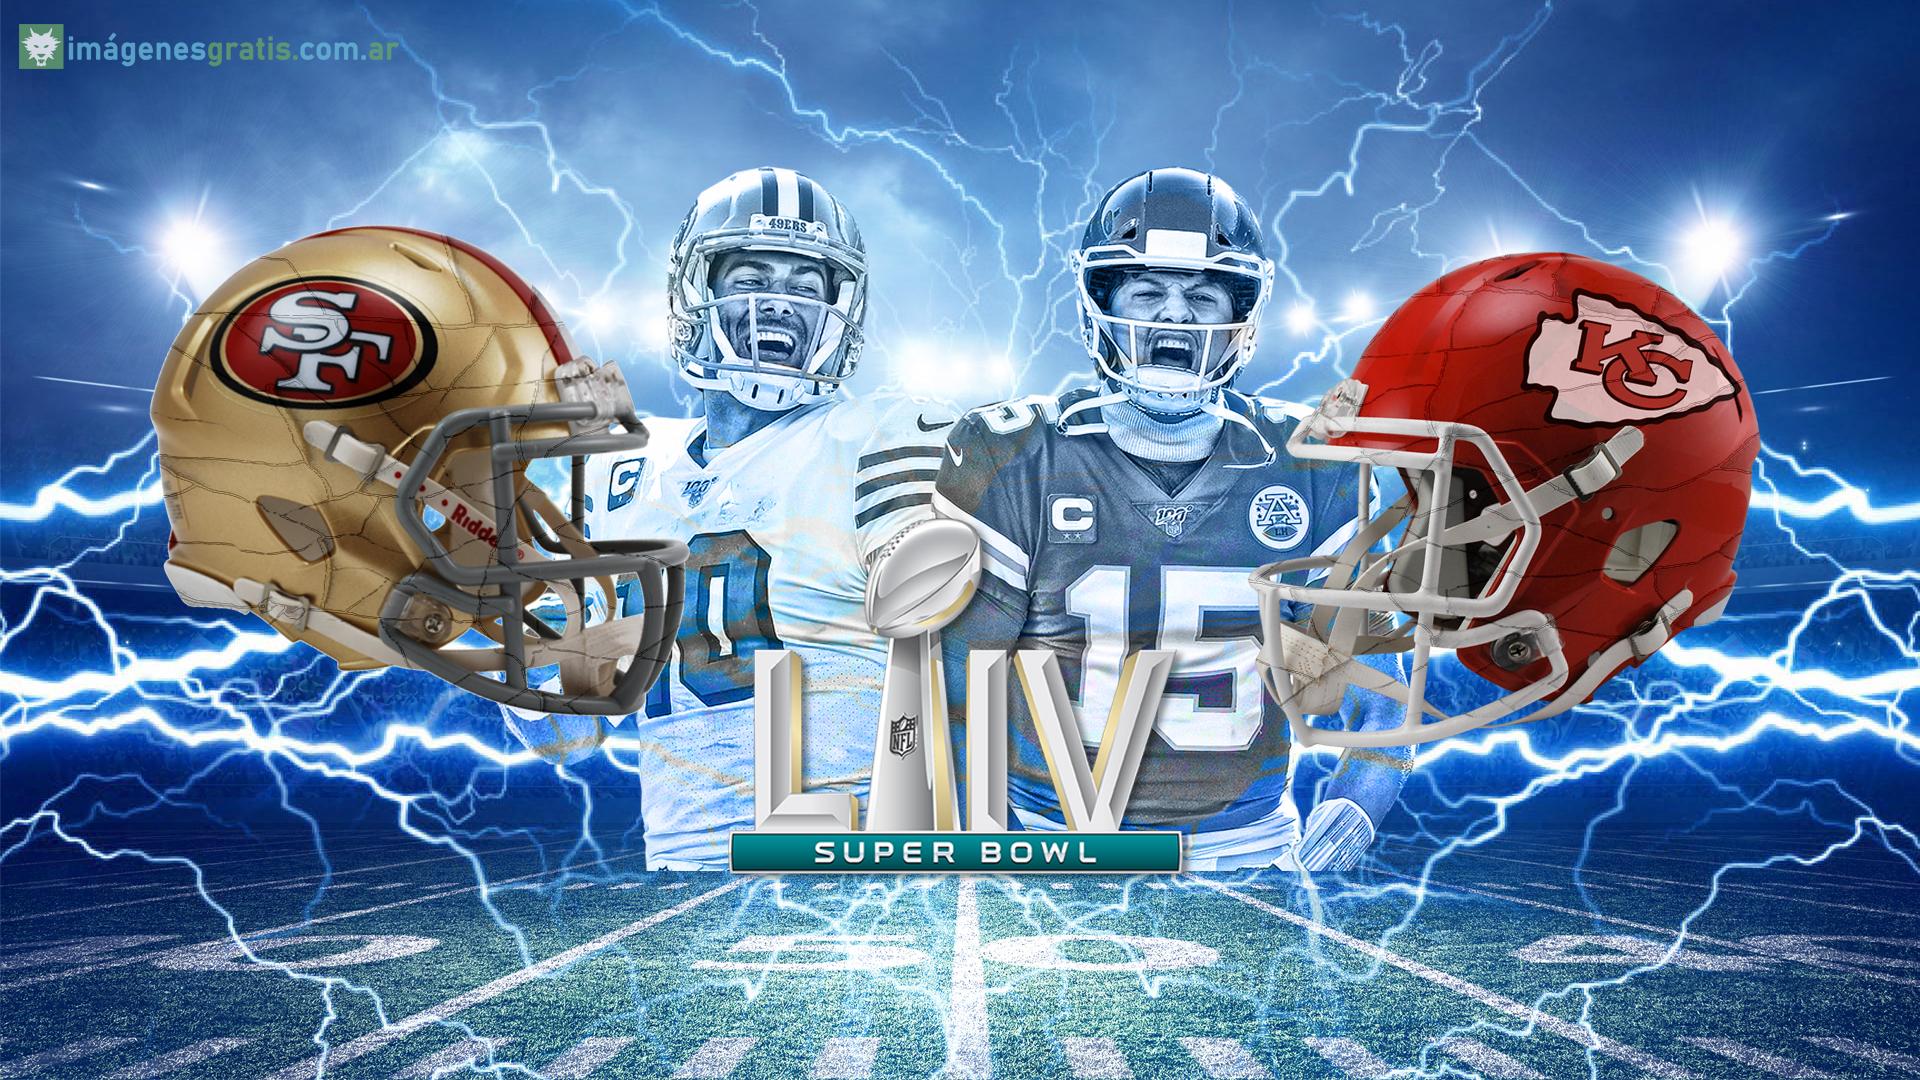 superbowl LIV